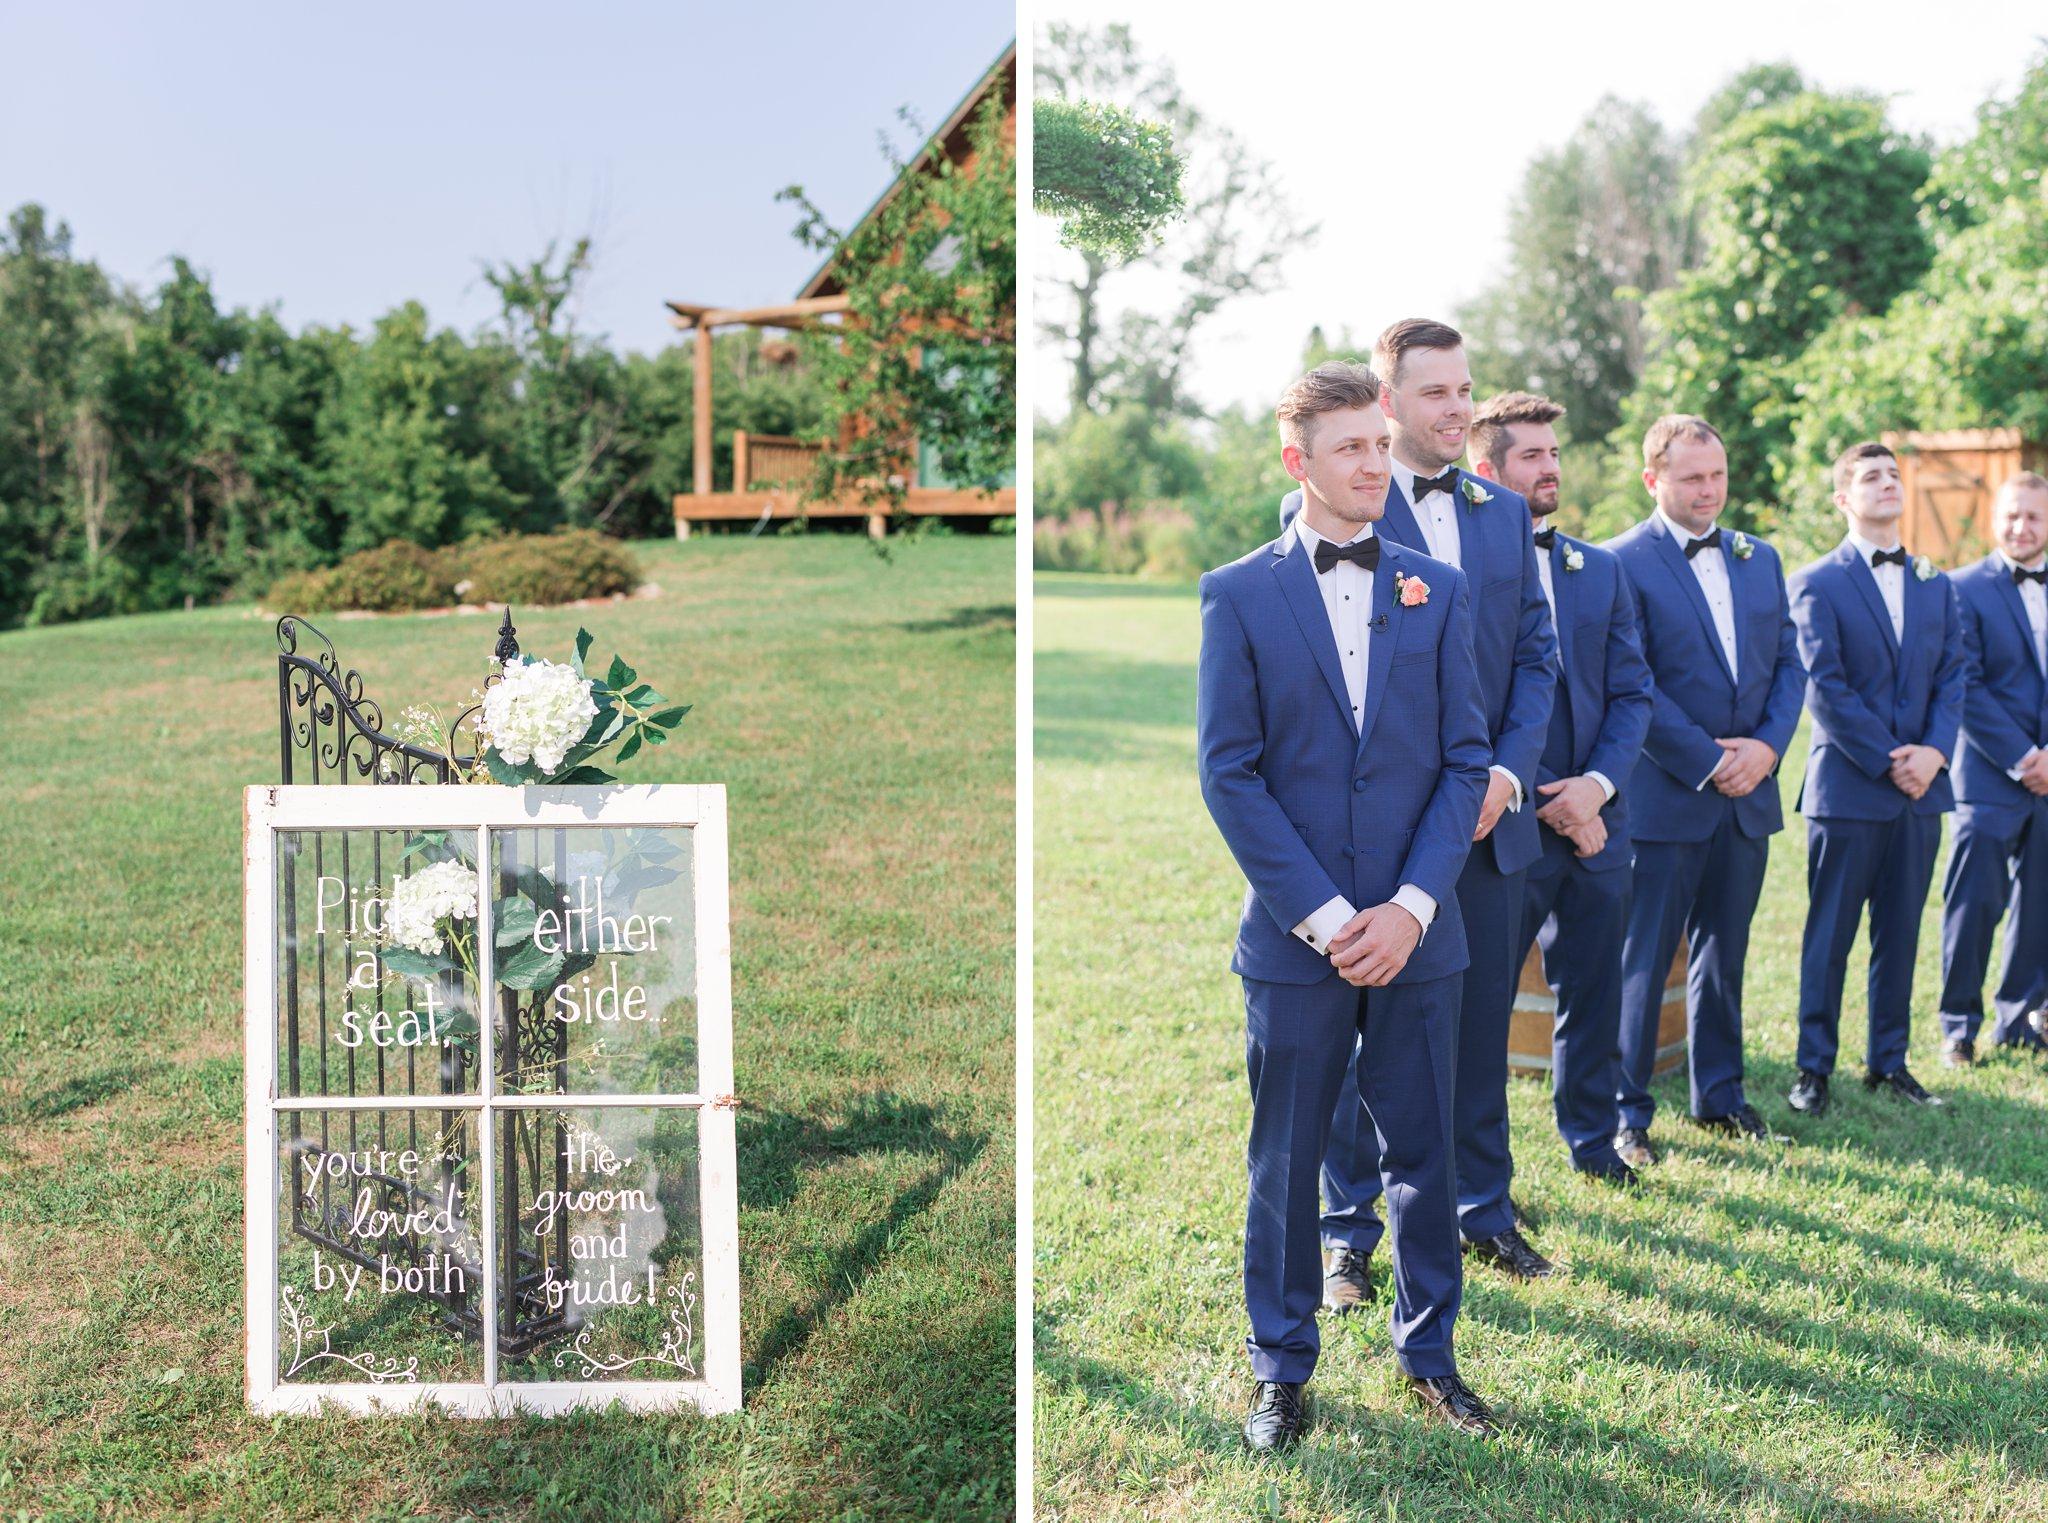 Pick a seat not a side Vineyard wedding at Jabulani Amy Pinder Photography